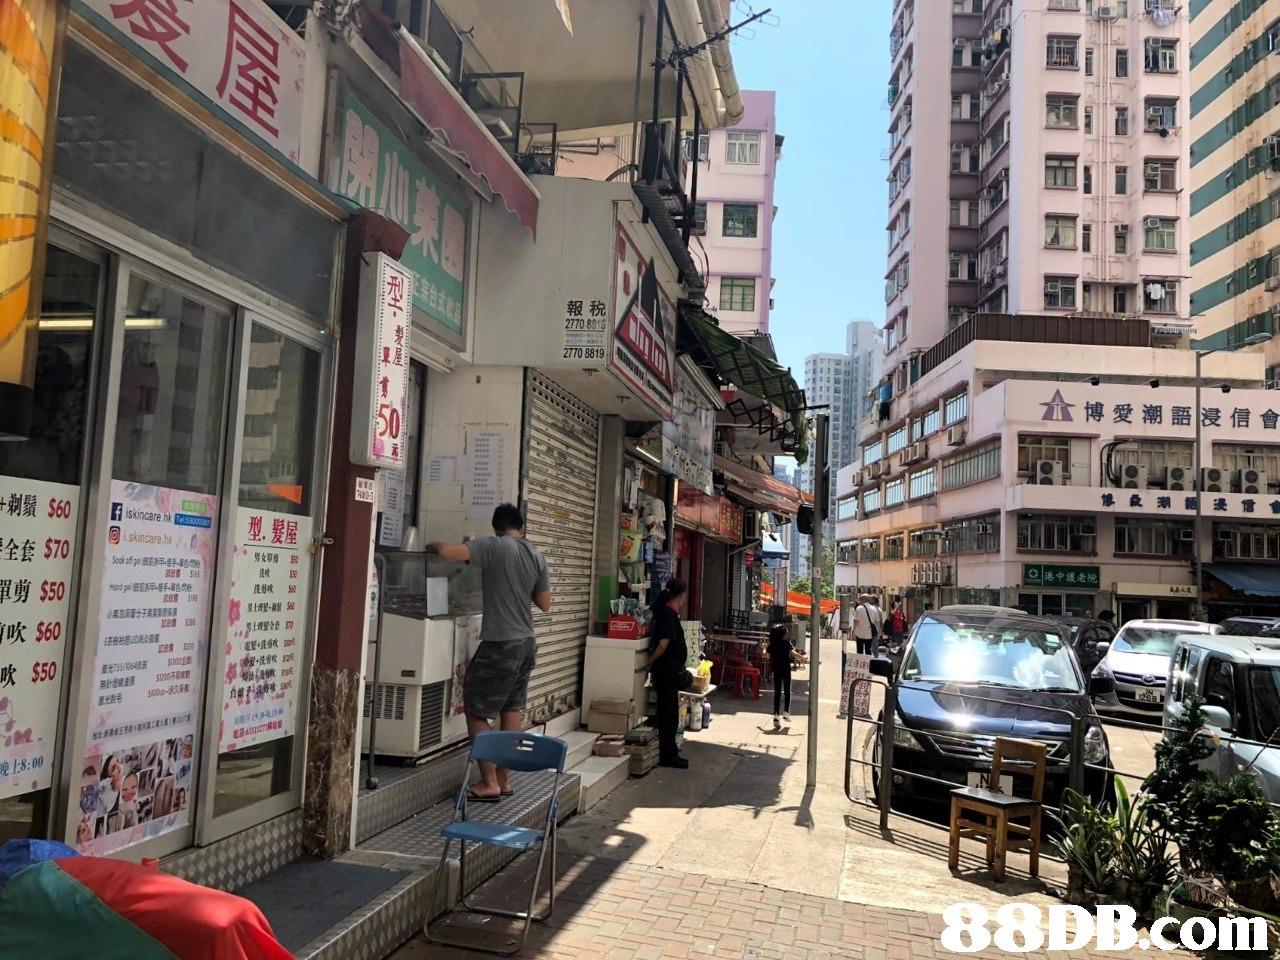 2770 8819 在博愛潮語1浸信會 像众潮 浸信 9.1港中護老院 i.skincare.hka PB.com 報27-27 60 70 50 60 50 鬚套剪吹吹  car,town,neighbourhood,street,mode of transport